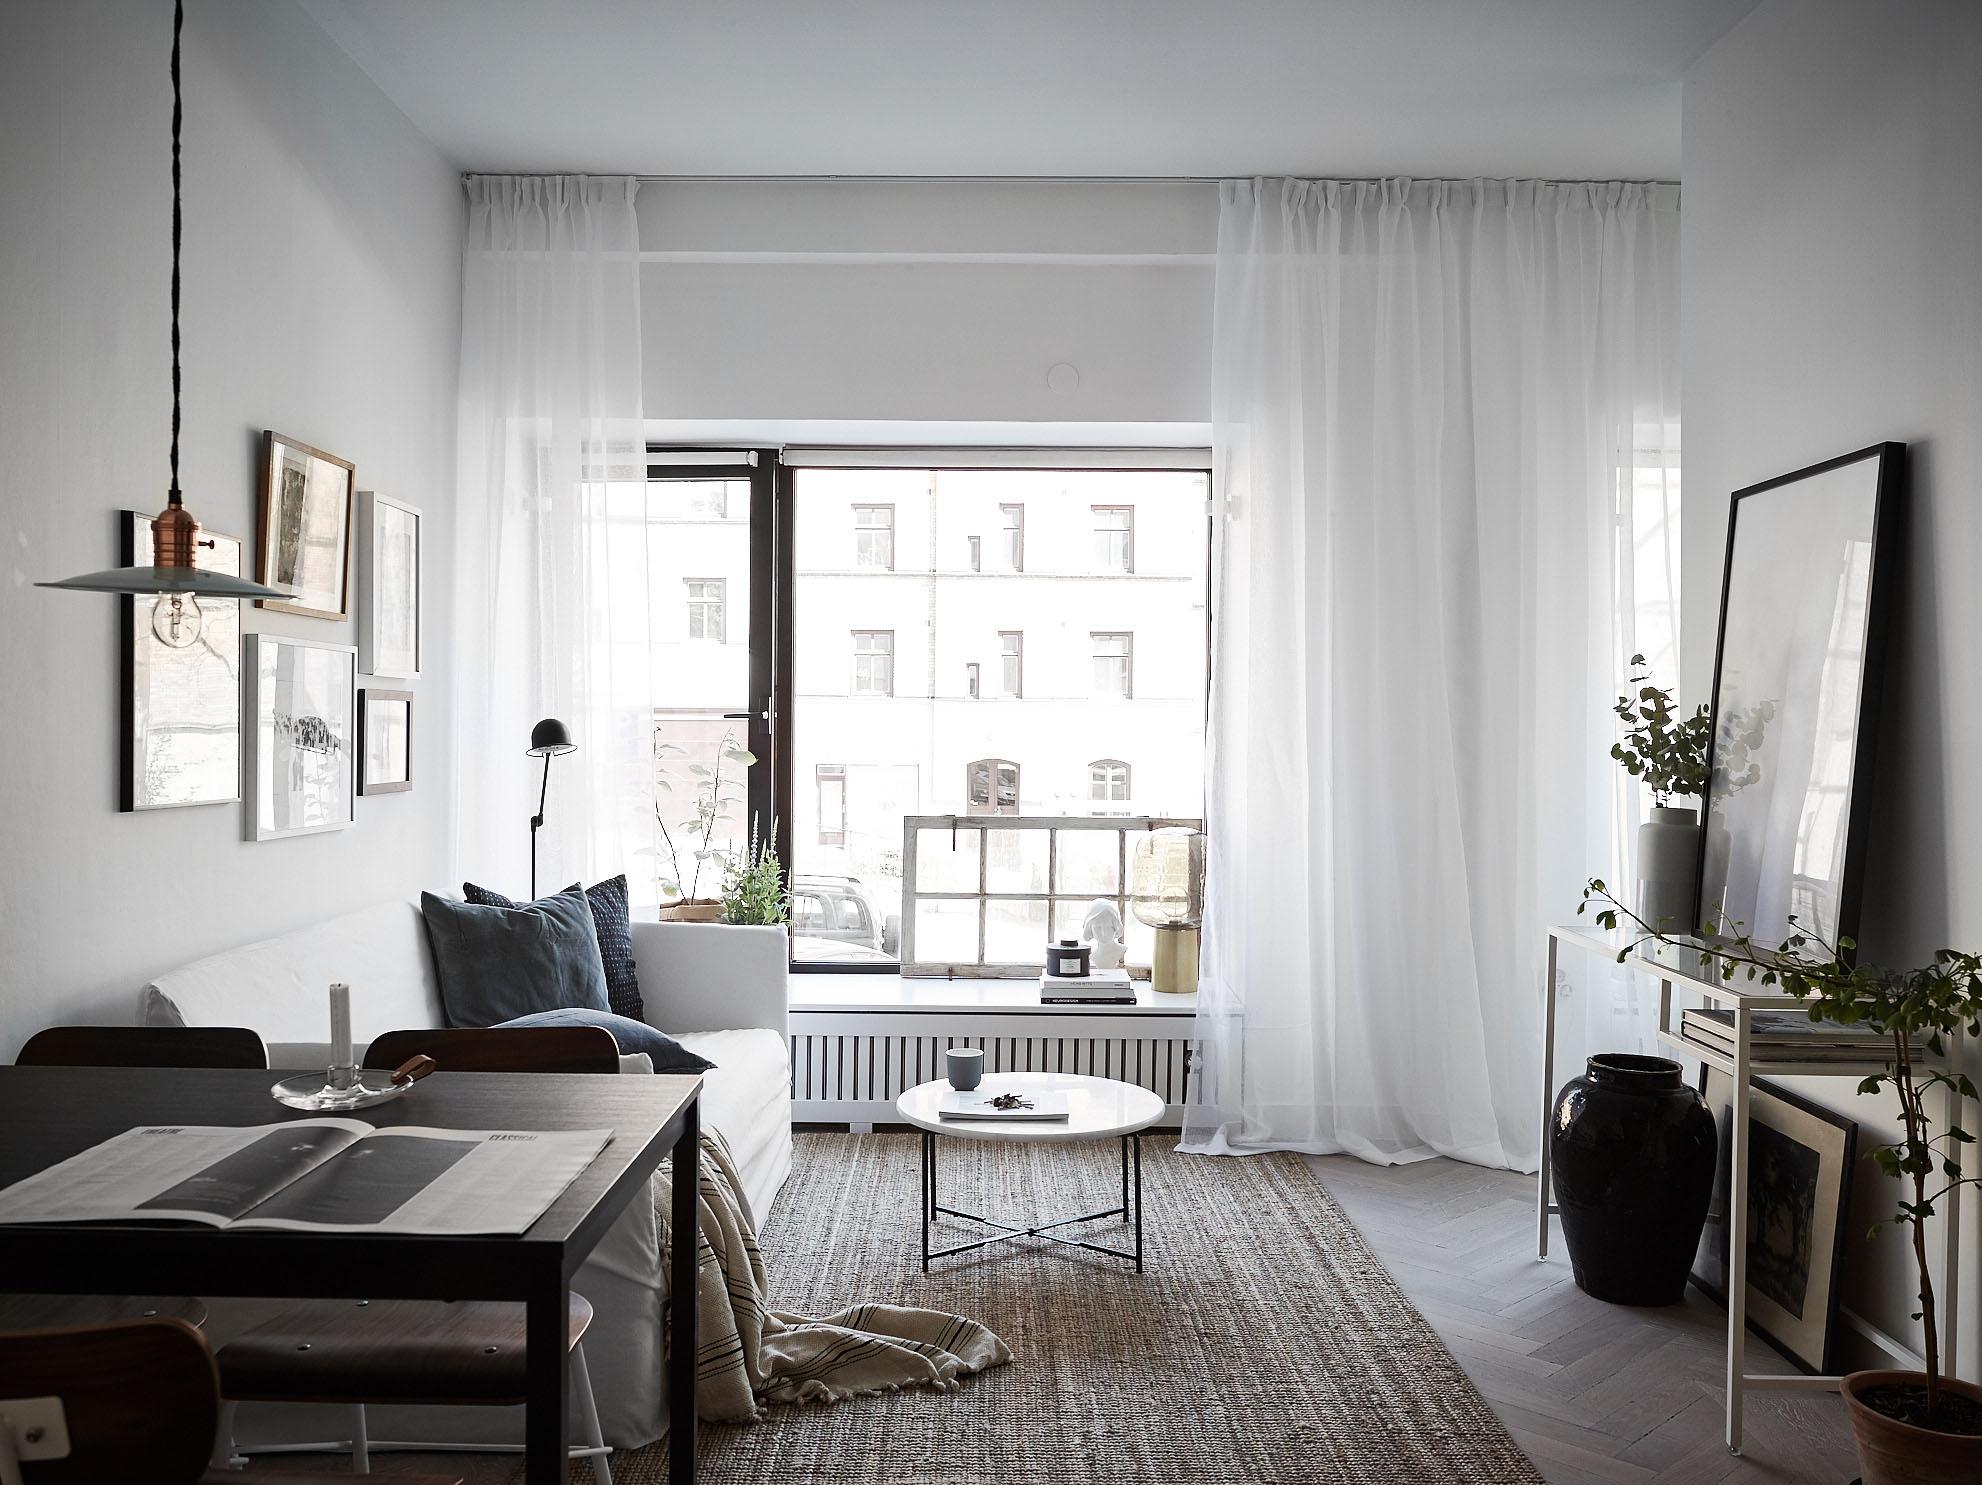 stora fönster inredning